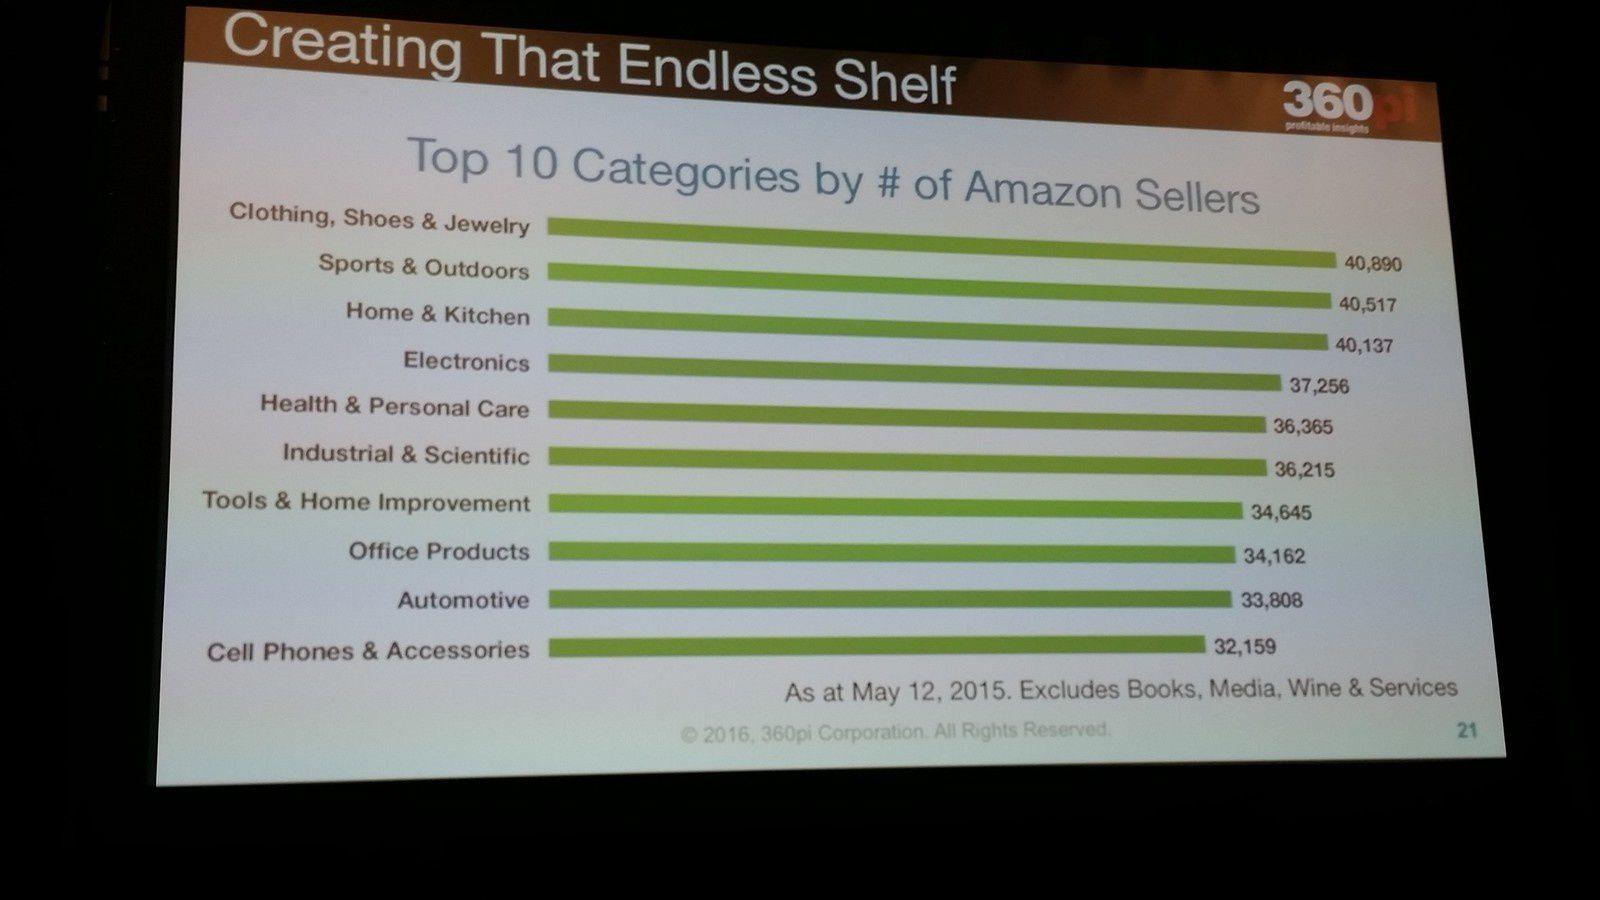 Le meilleur des conf' du NRF 2016 : # 1 ce qu'il faut apprendre d'Amazon!